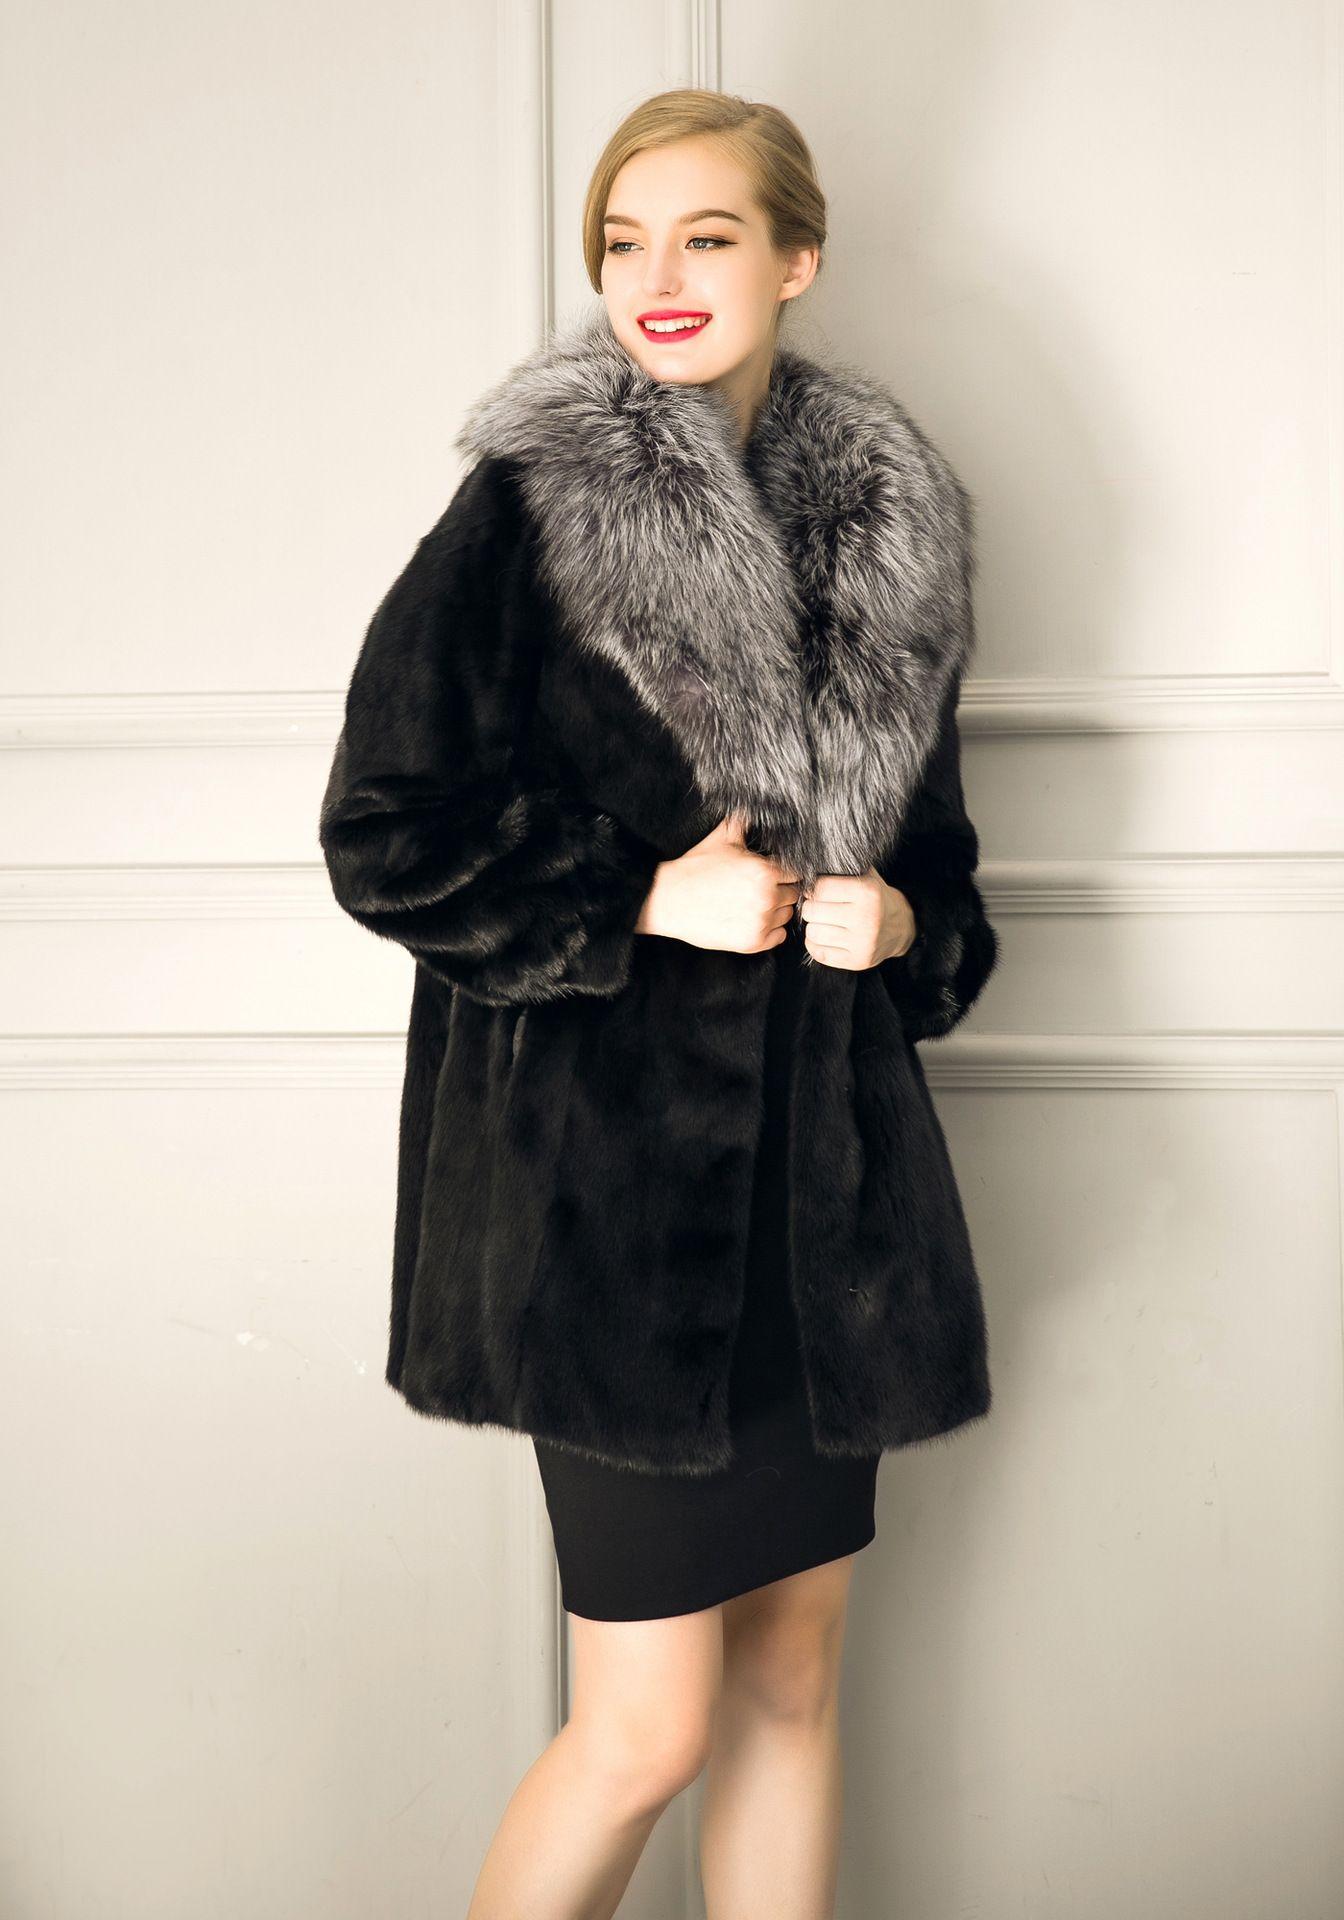 Herbst Winter Nachahmung Fuax Pelz Nachahmung Fuax Fuchspelz Jacke Kunstpelz Mäntel lange synthetische Outwear Plus Size